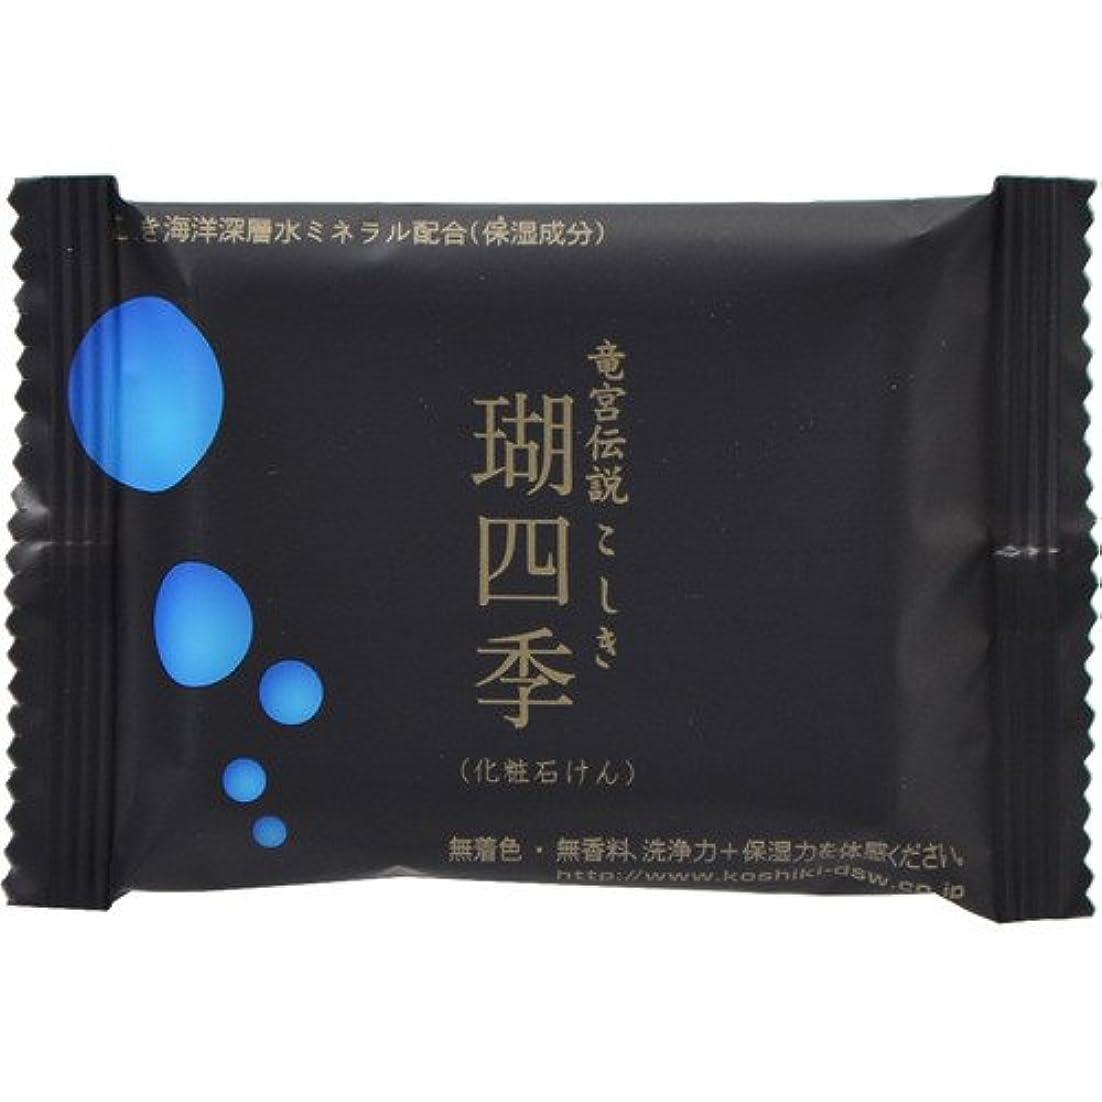 差し控える値召喚する瑚四季 化粧石鹸 30g